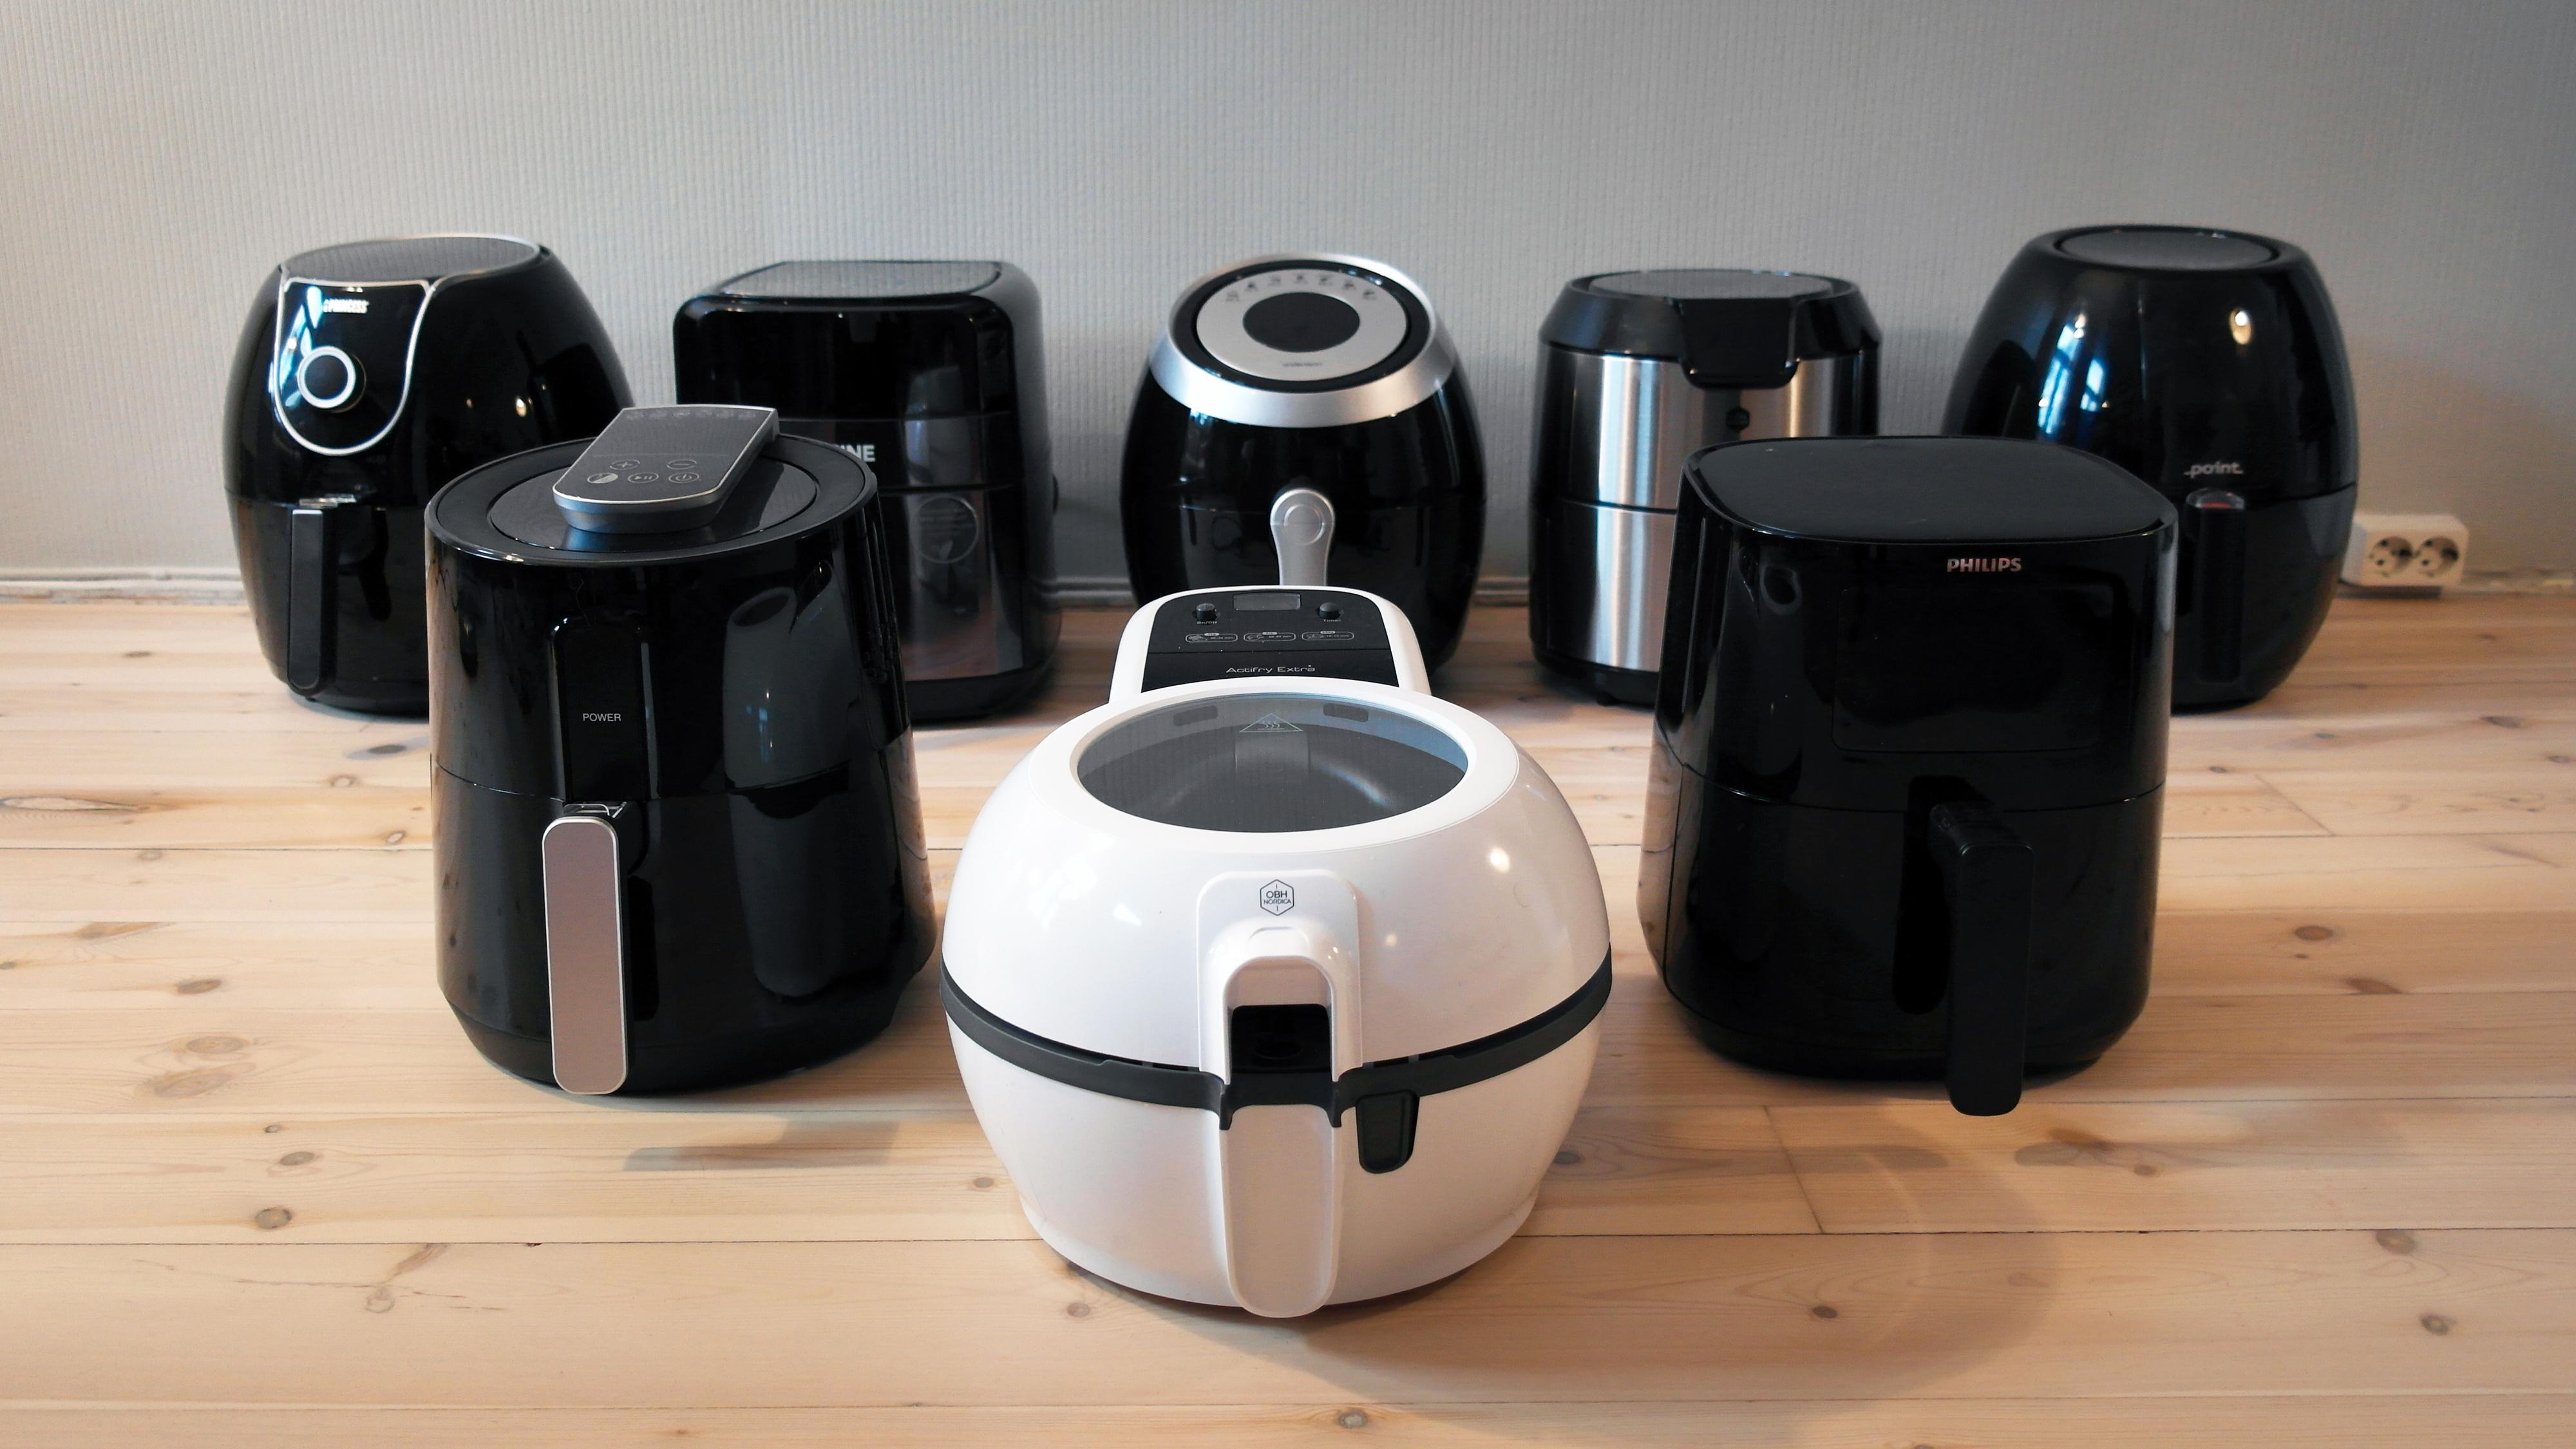 En airfryer lager fritert mat med mye mindre olje enn en vanlig frityrgryte. Vi har testet åtte rimelige modeller.